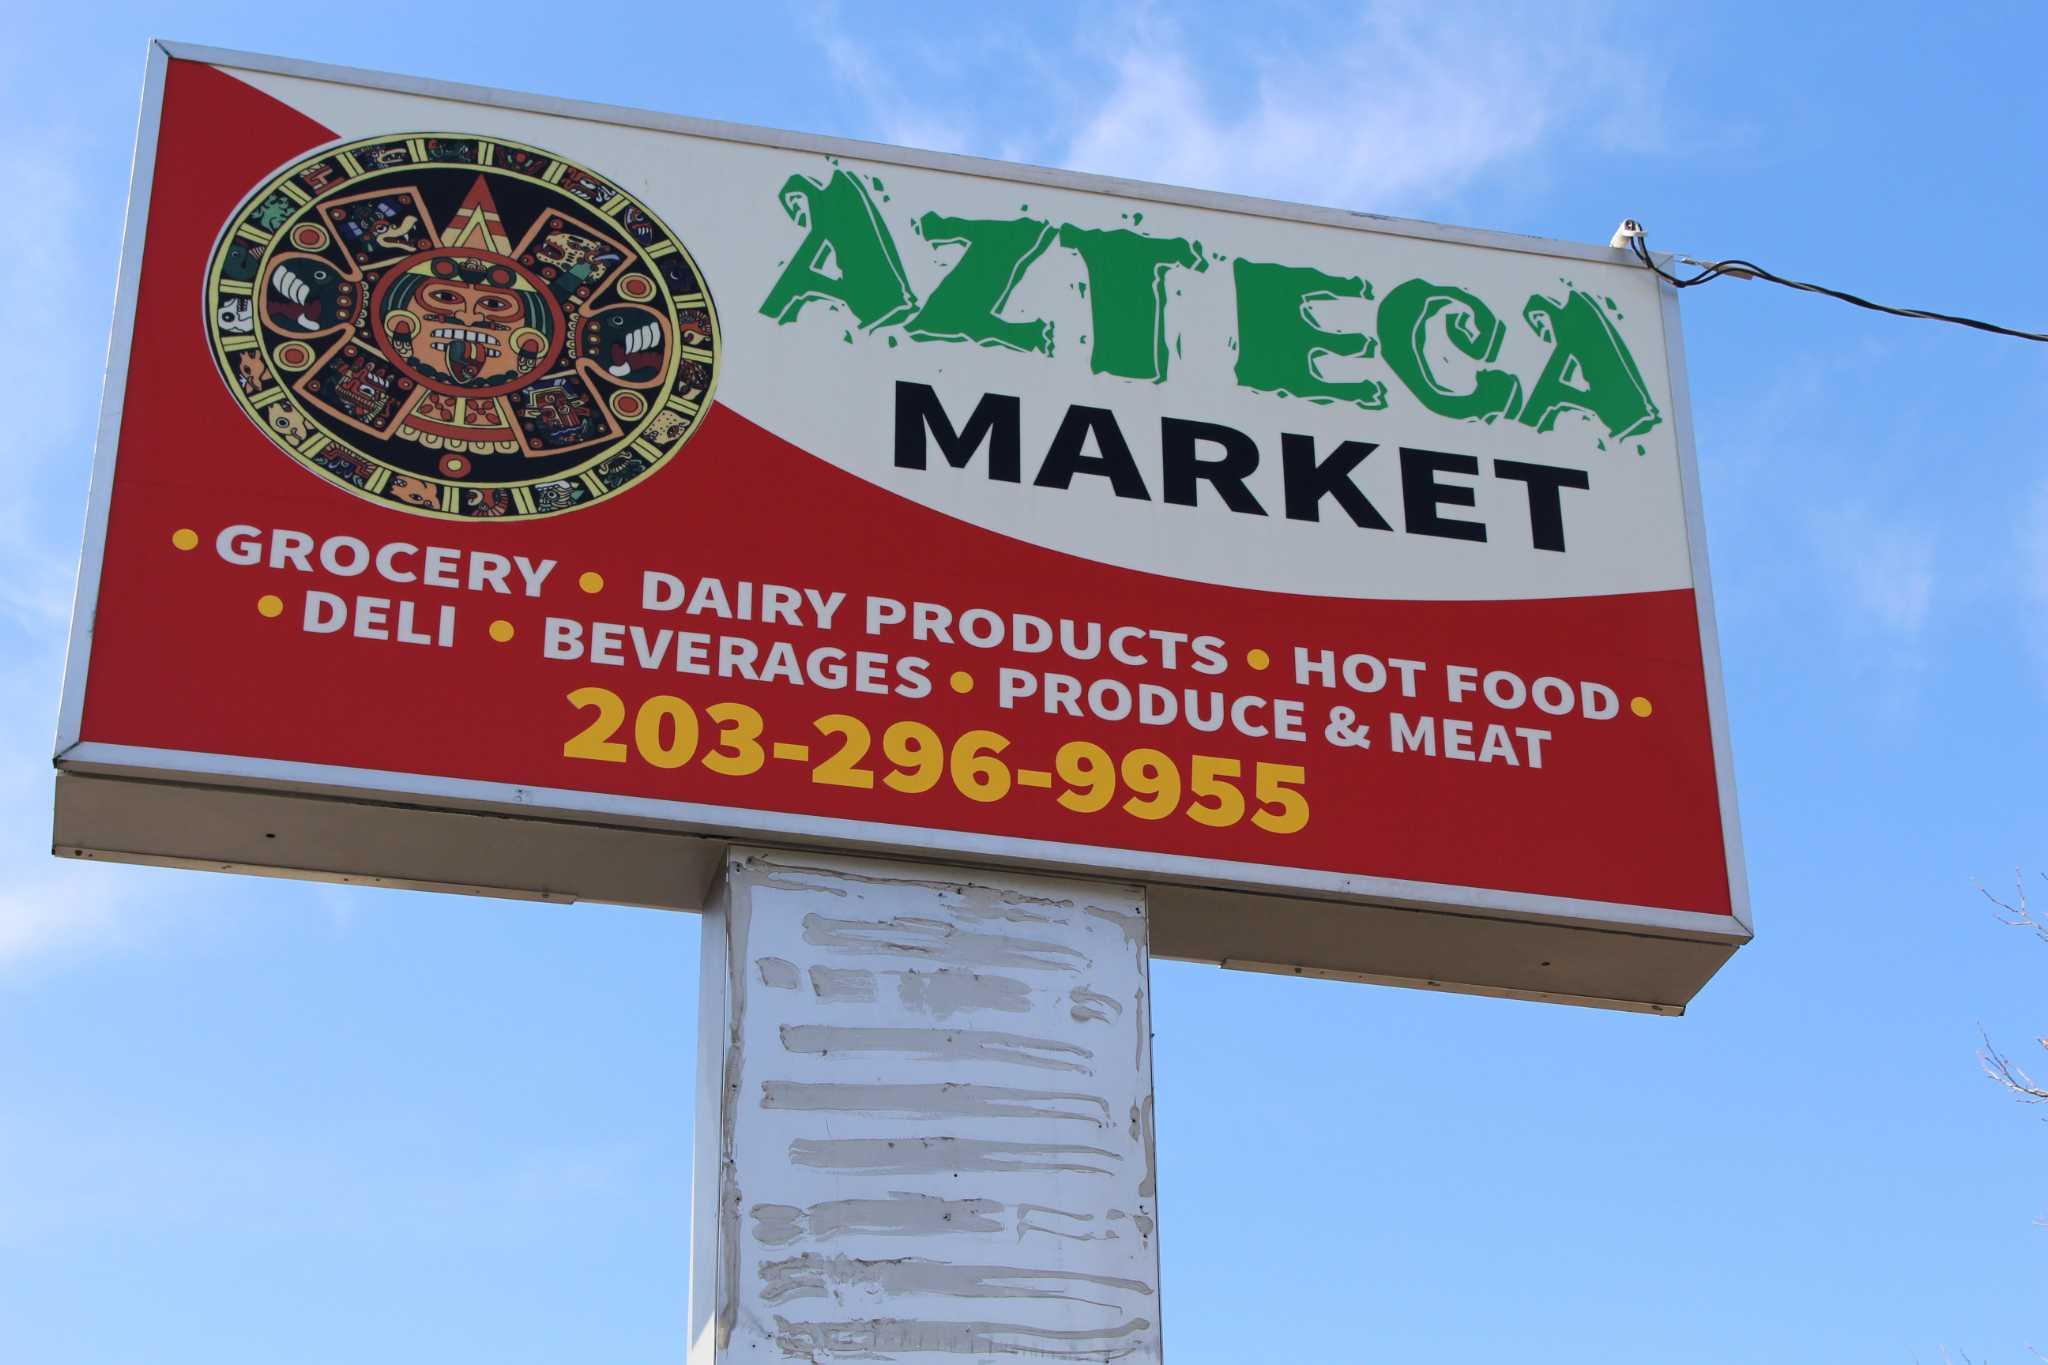 Owner of Azteca Market looks to open restaurant